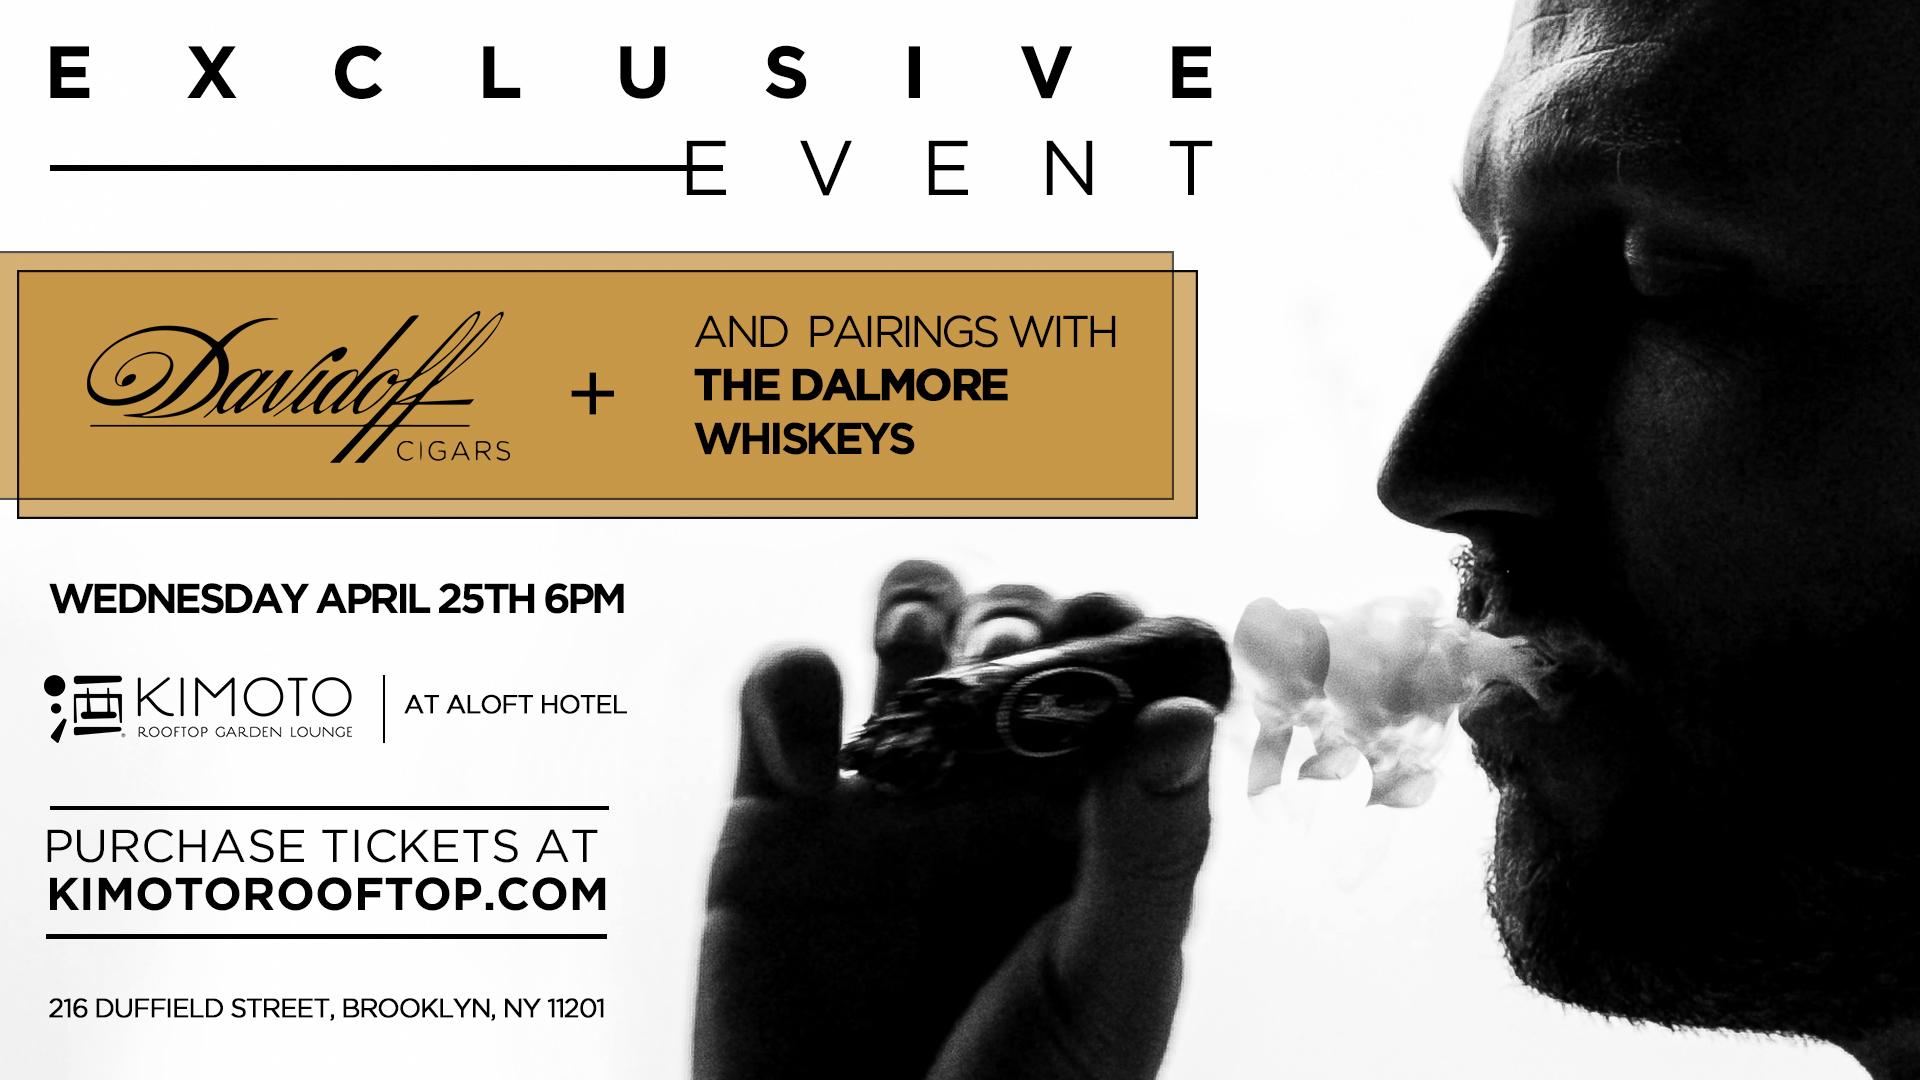 Kimoto Davidoff Cigar Event 20180425 Aloft Sheraton Hotel.jpg